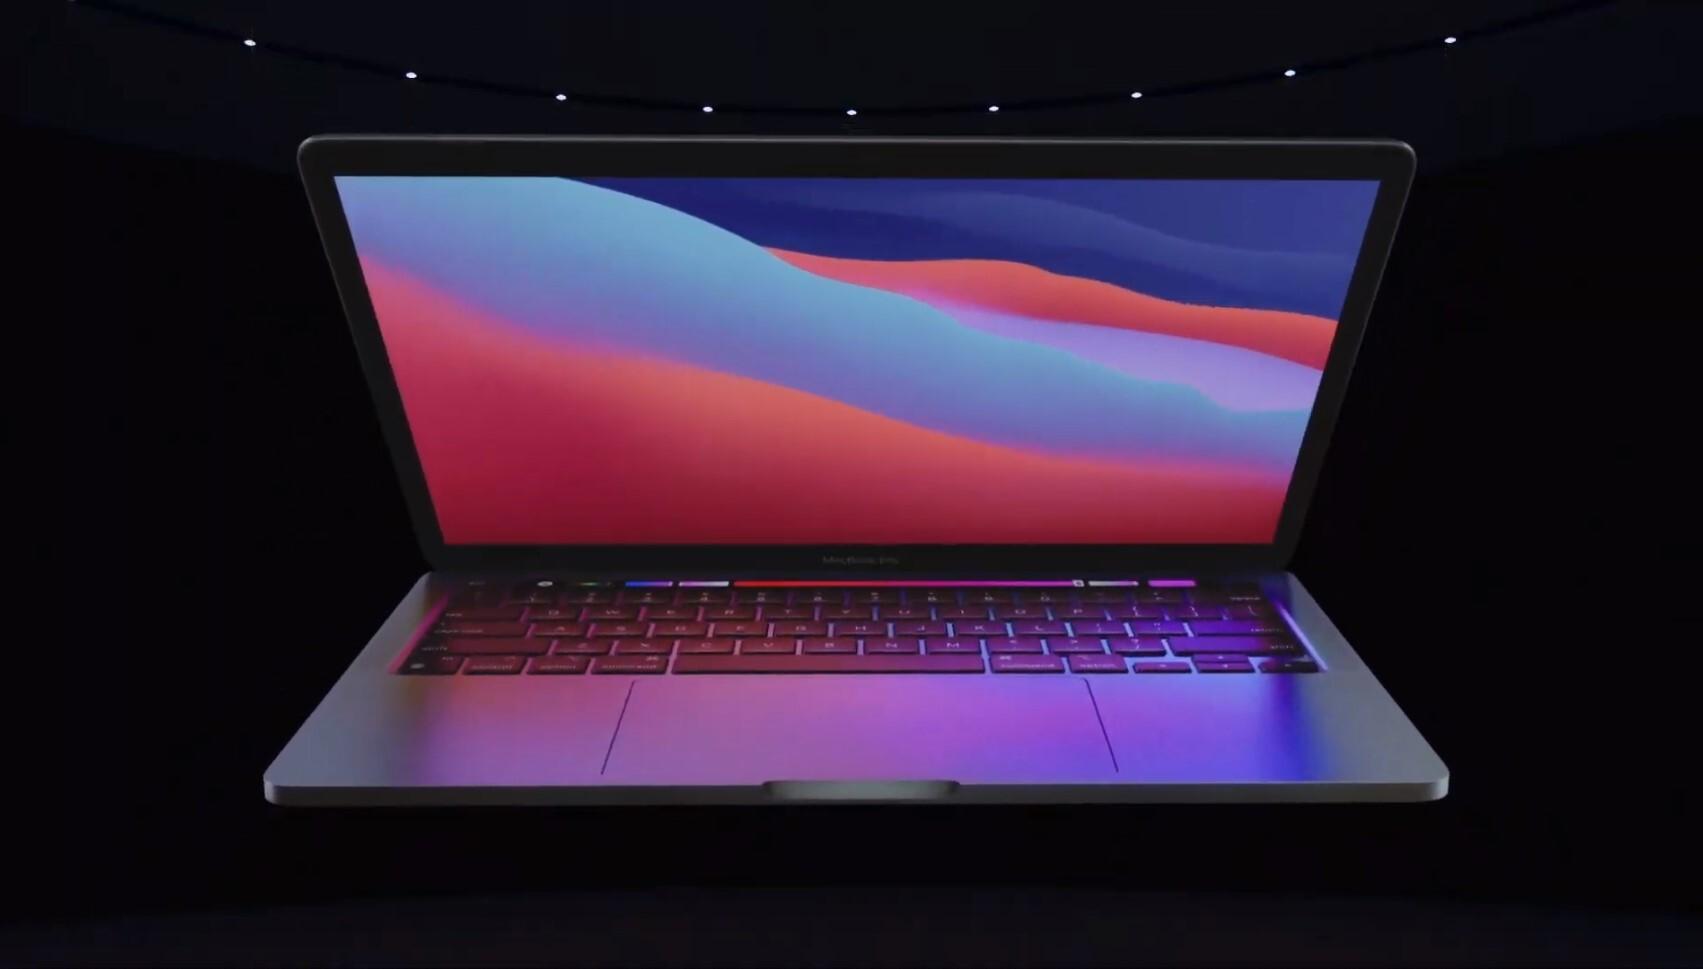 Nový 13palcový MacBook Pro uveden, nabízí ARM procesor s 20hodinovou výdrží baterie